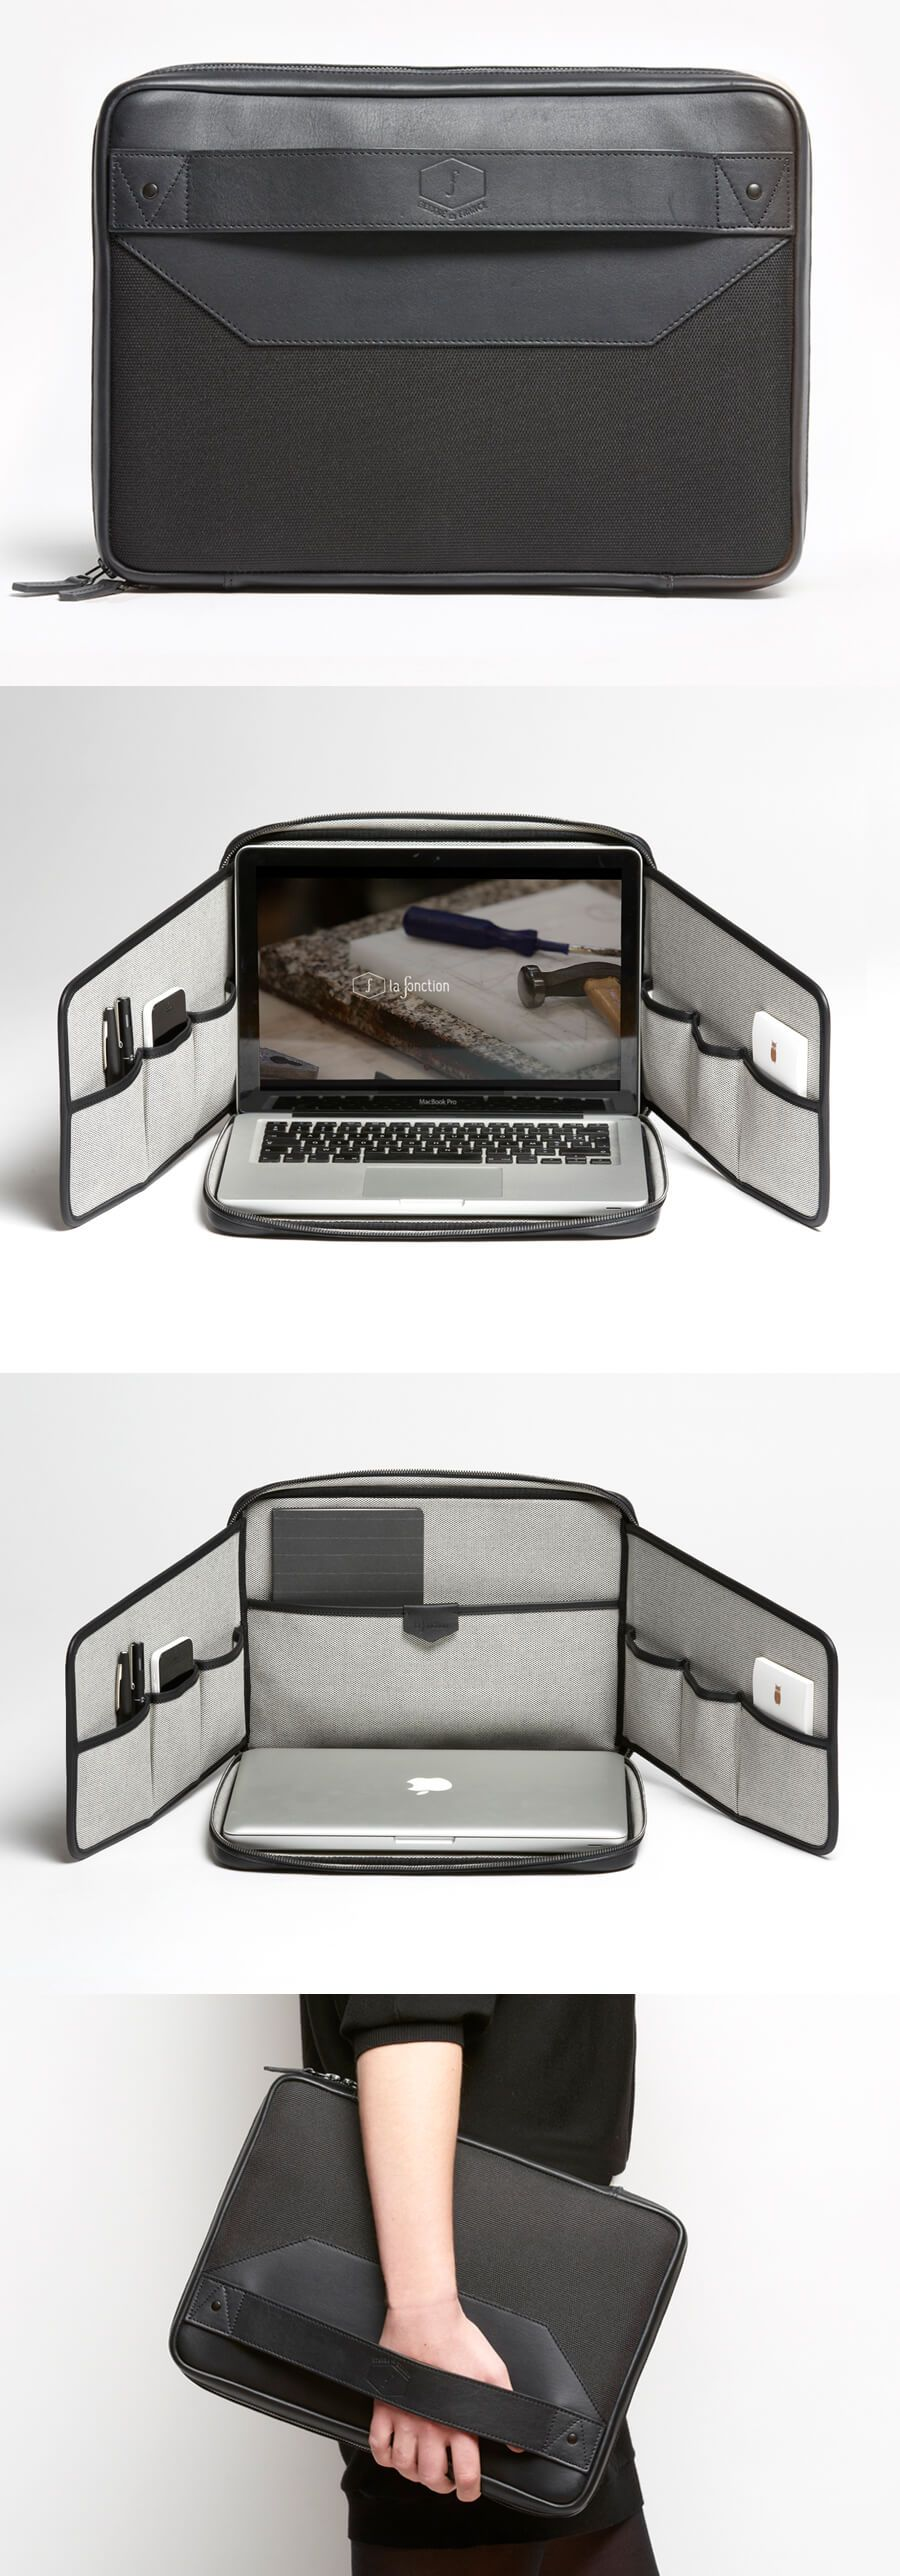 F01.2 (black) laptop bag/stand | Product Design | Pinterest | Leder ...